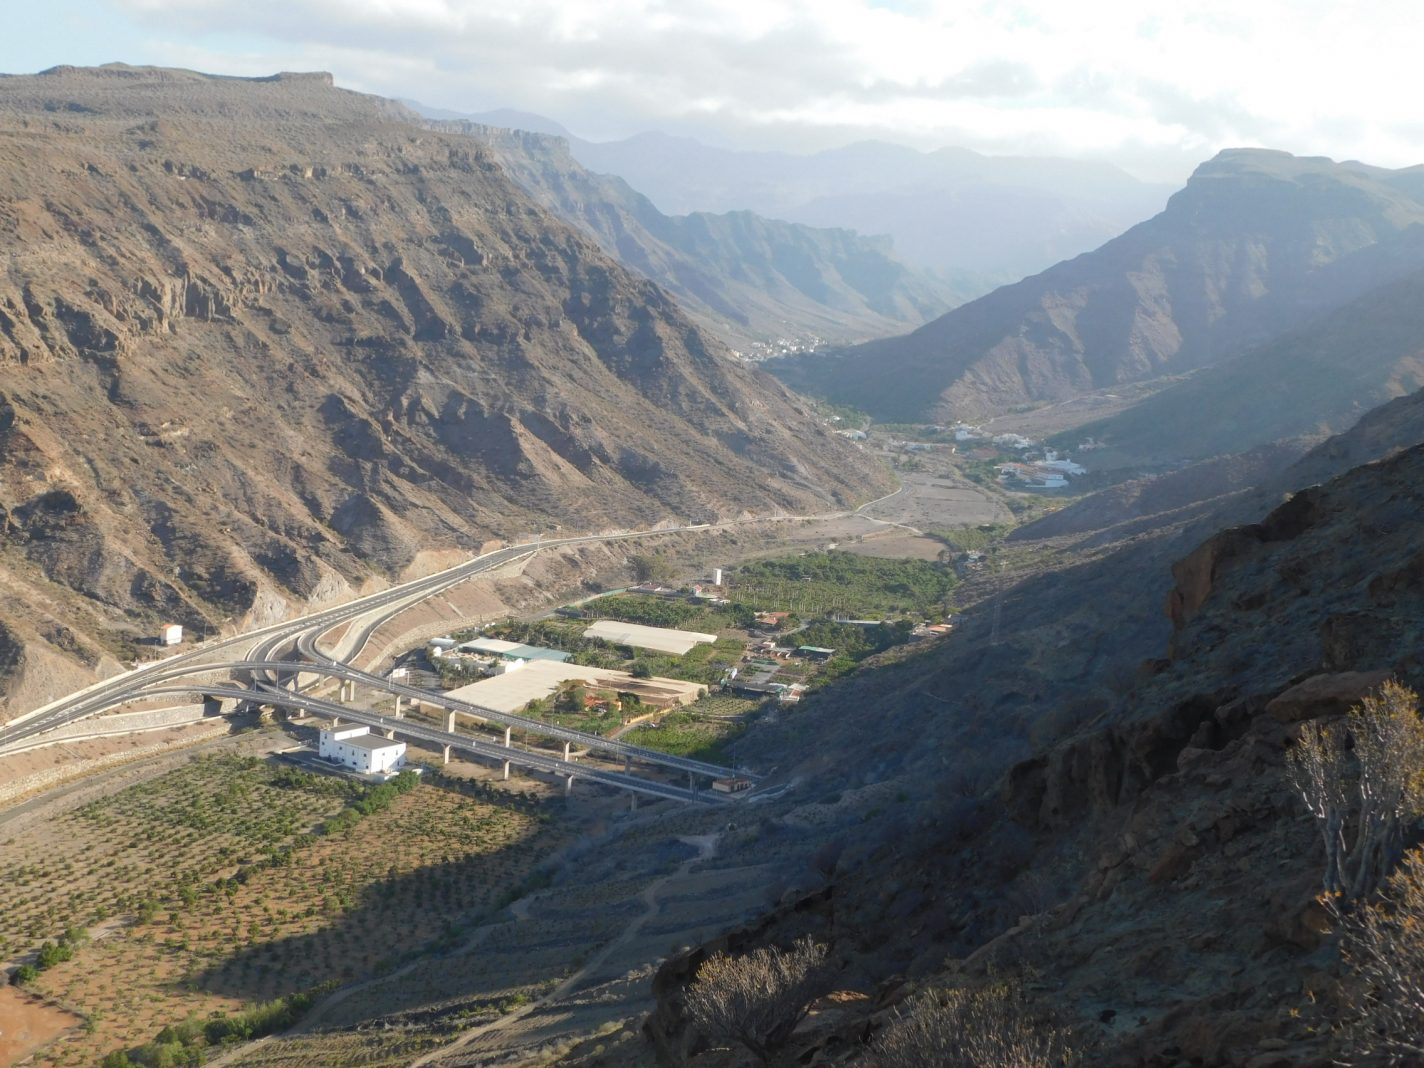 Wandelen in de bergen vlakbij Puerto de Mogan